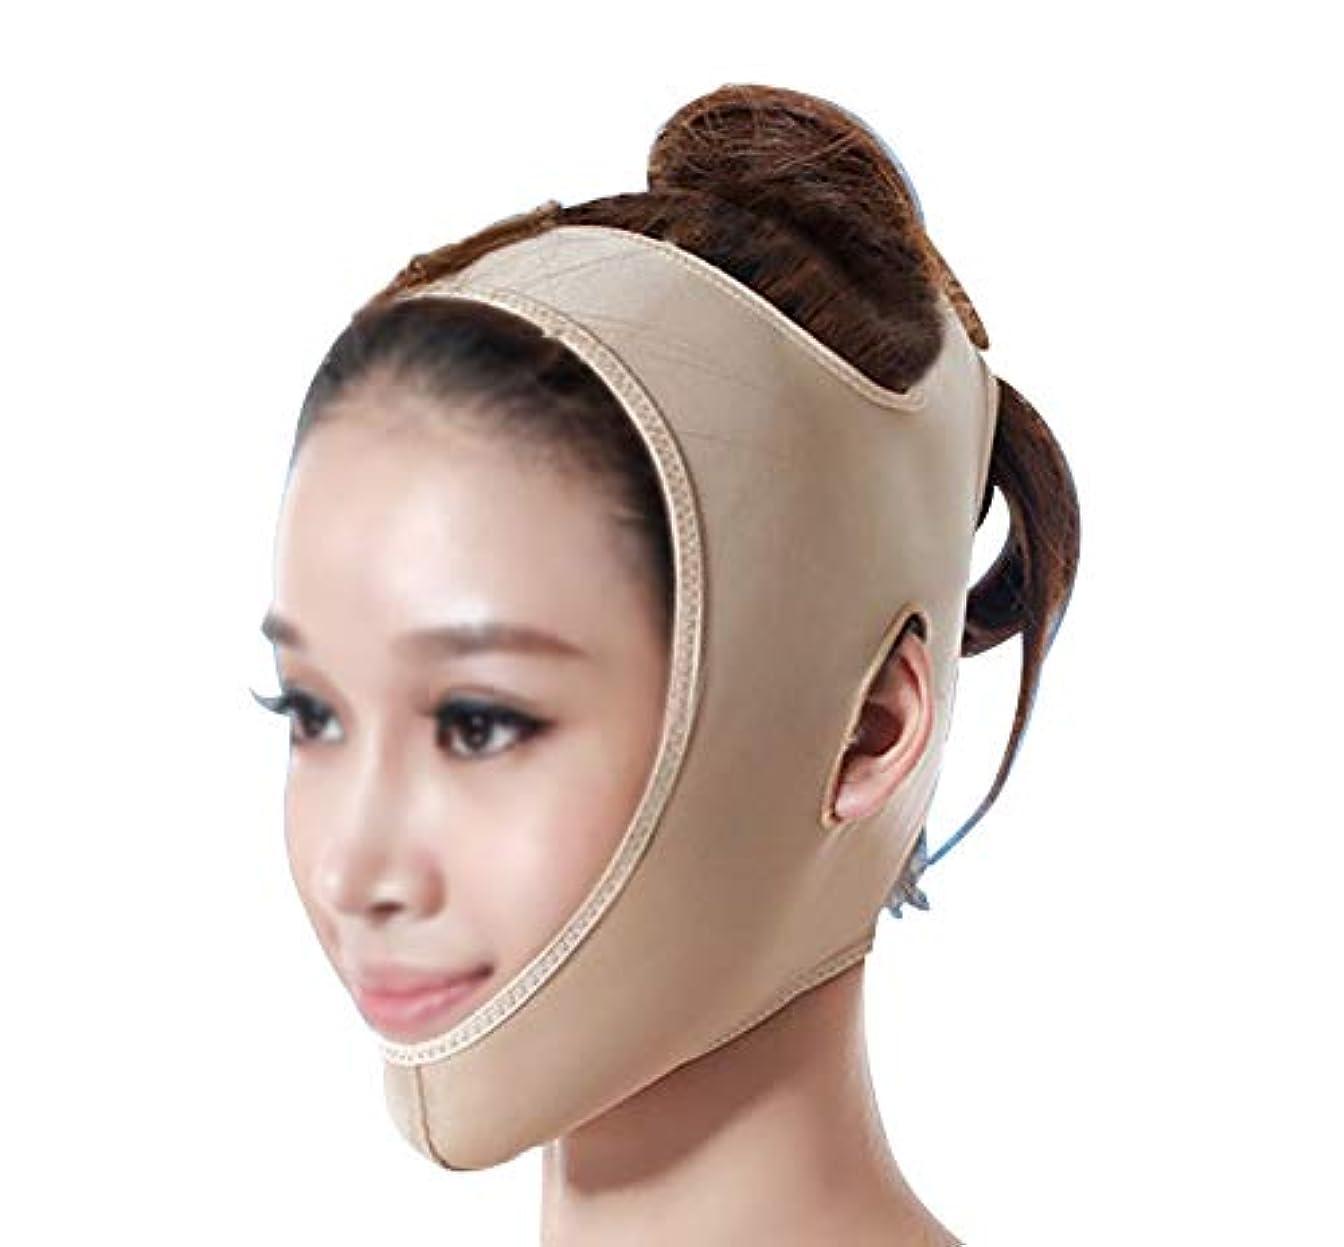 判読できないぬれた社員GLJJQMY 引き締めマスクマスク美容薬マスク美容V顔包帯ライン彫刻引き締めしっかりダブルチンマスク 顔用整形マスク (Size : M)